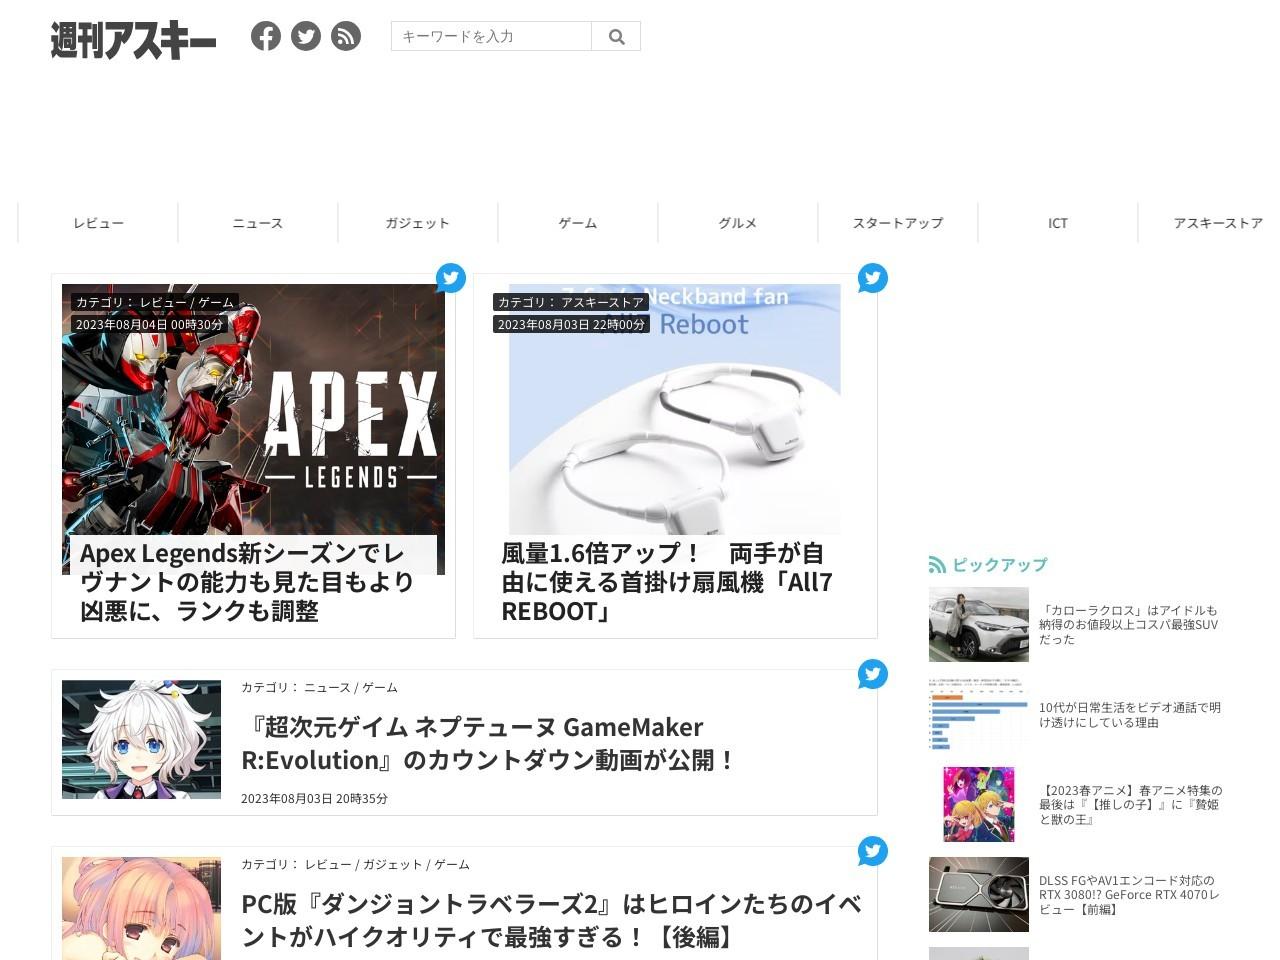 ポケットに収まる高性能PCが人気!|アスキーストア売れ筋TOP5